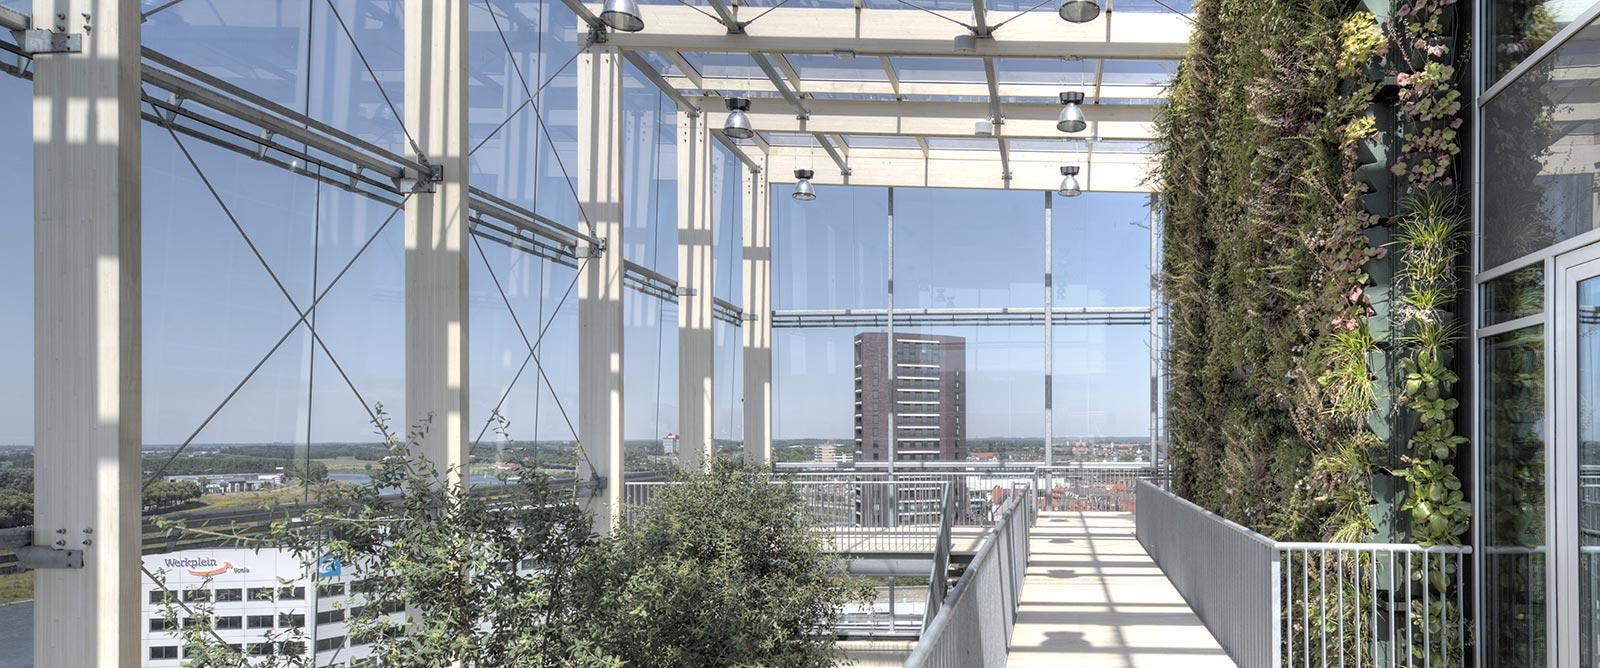 AGC Nederland - Zomervakantie sluiting